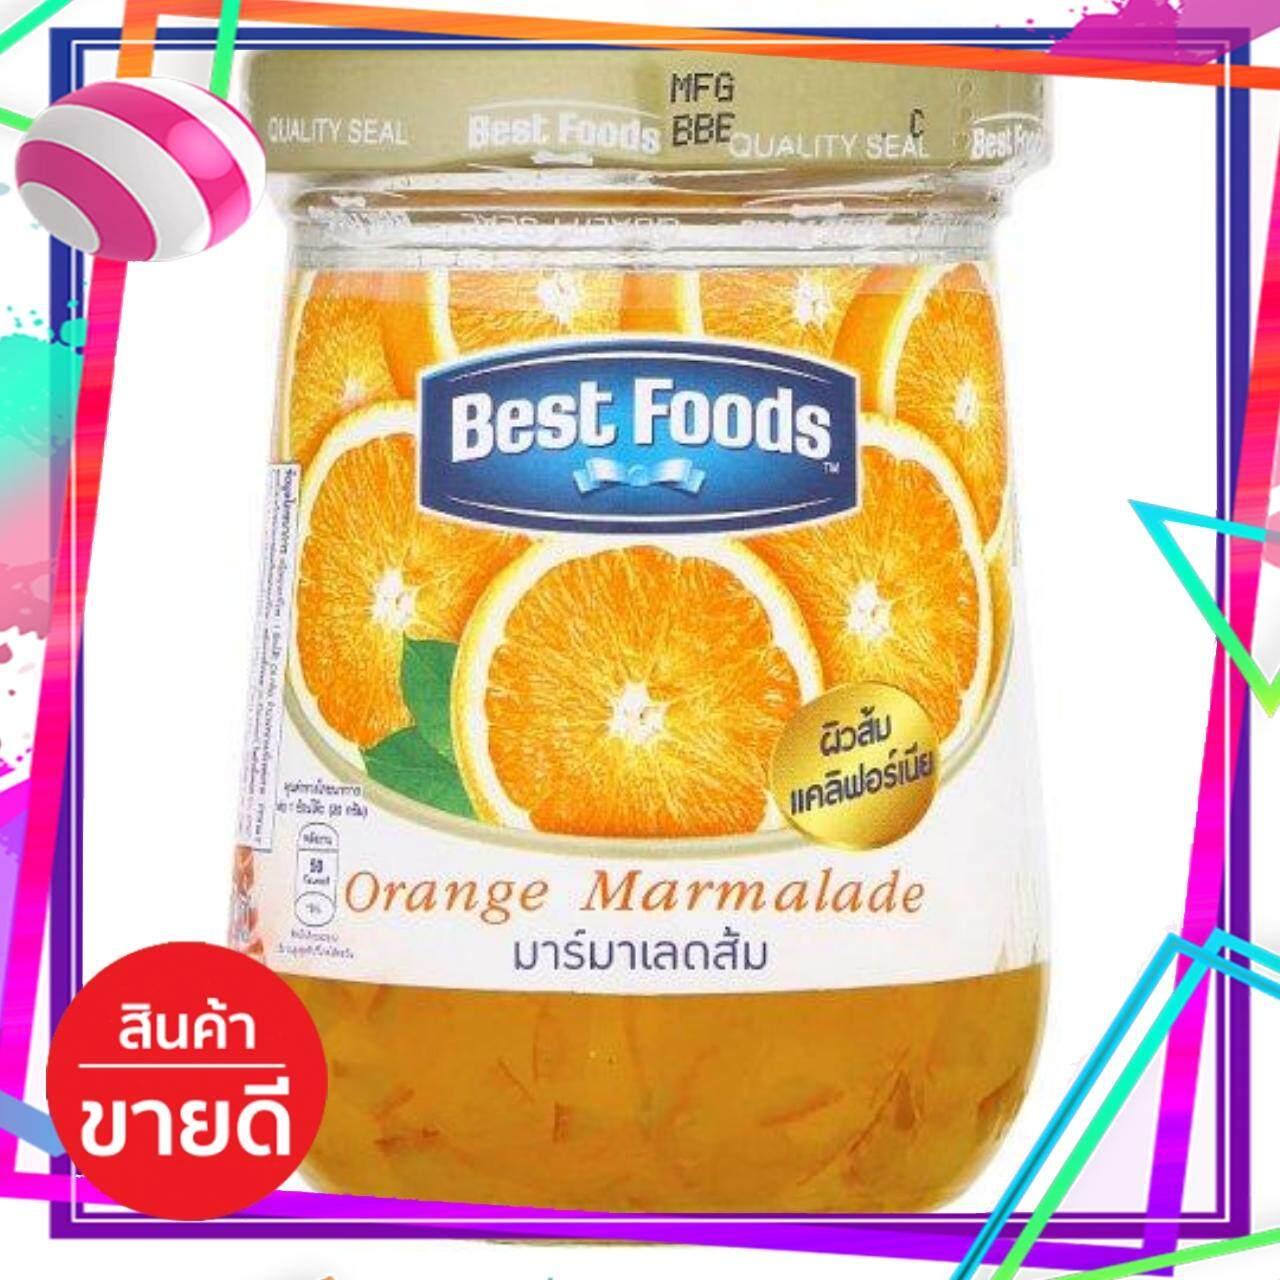 Pricetag เบสท์ฟู้ดส์ มาร์มาเลดส้ม 170กรัม น้ำผึ้ง น้ำเชื่อม แยม ขนมปัง เค้ก อาหาร ครีม ขนม นมผง เบ เก อ รี่ ผัก น้ำตาล เนย ปัง ปิ้ง หน้า ต่างๆ ก ลู ต้า ของแท้ 100% ราคาถูก